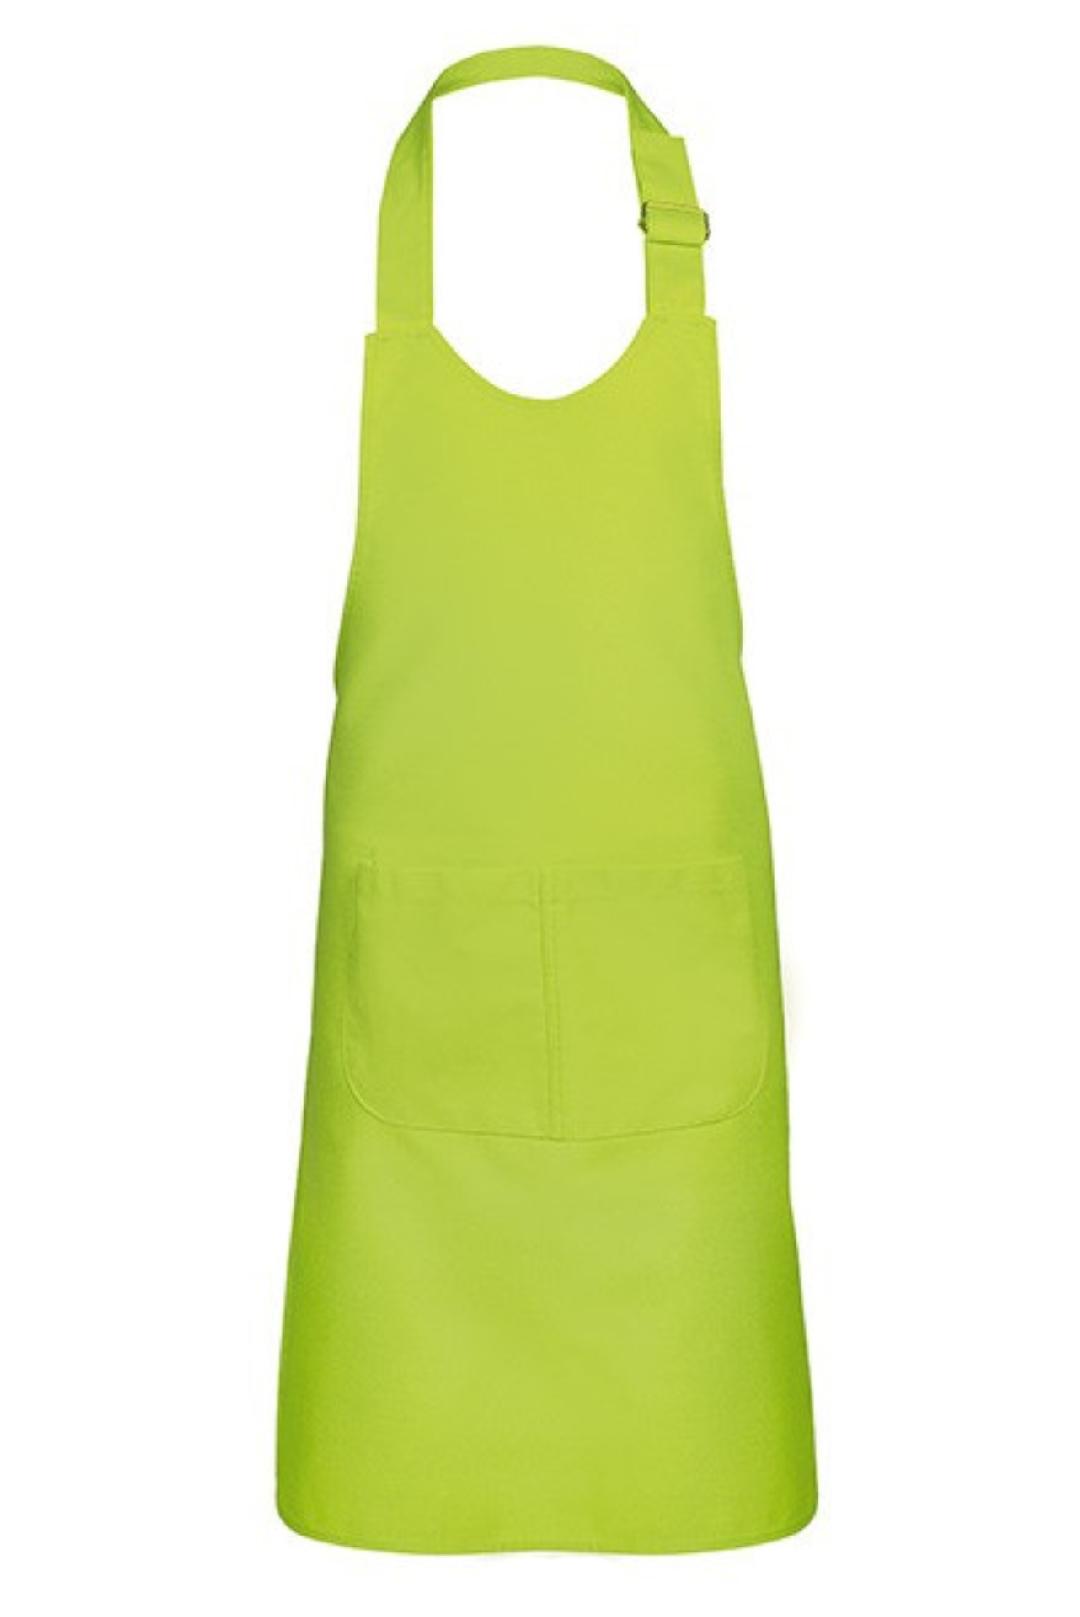 Avental Criança de peito ajustável com bolso